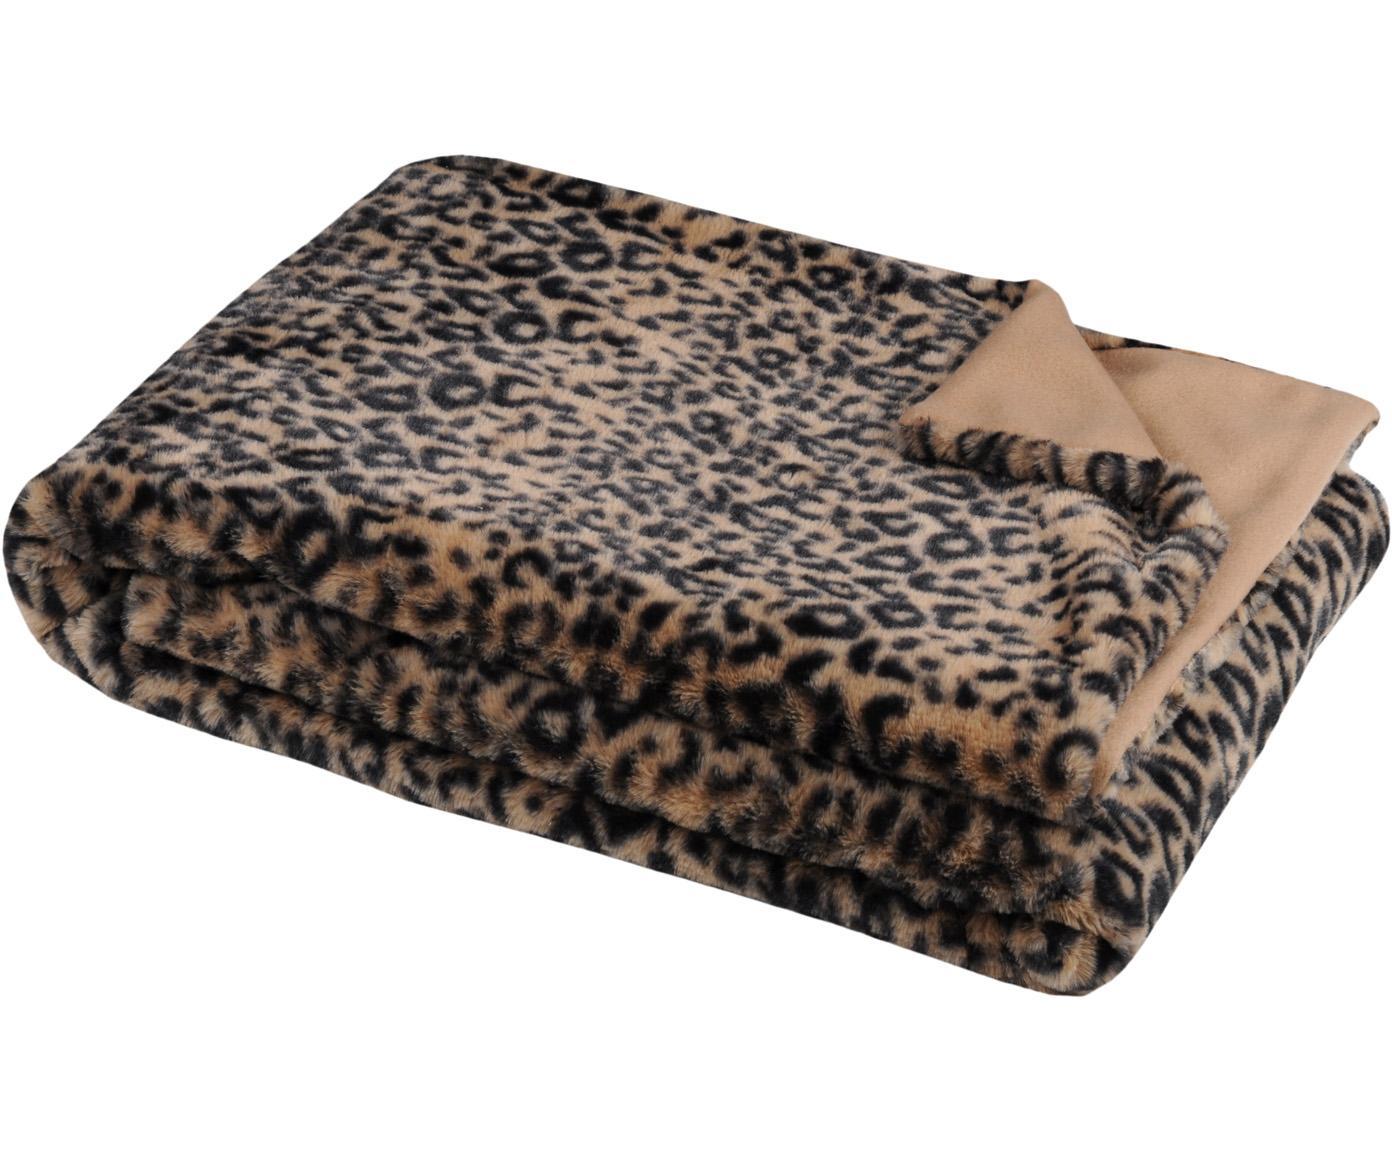 Plaid Jangal mit Leopardenmuster, 100% Polyester, Beige, Schwarz, 130 x 160 cm